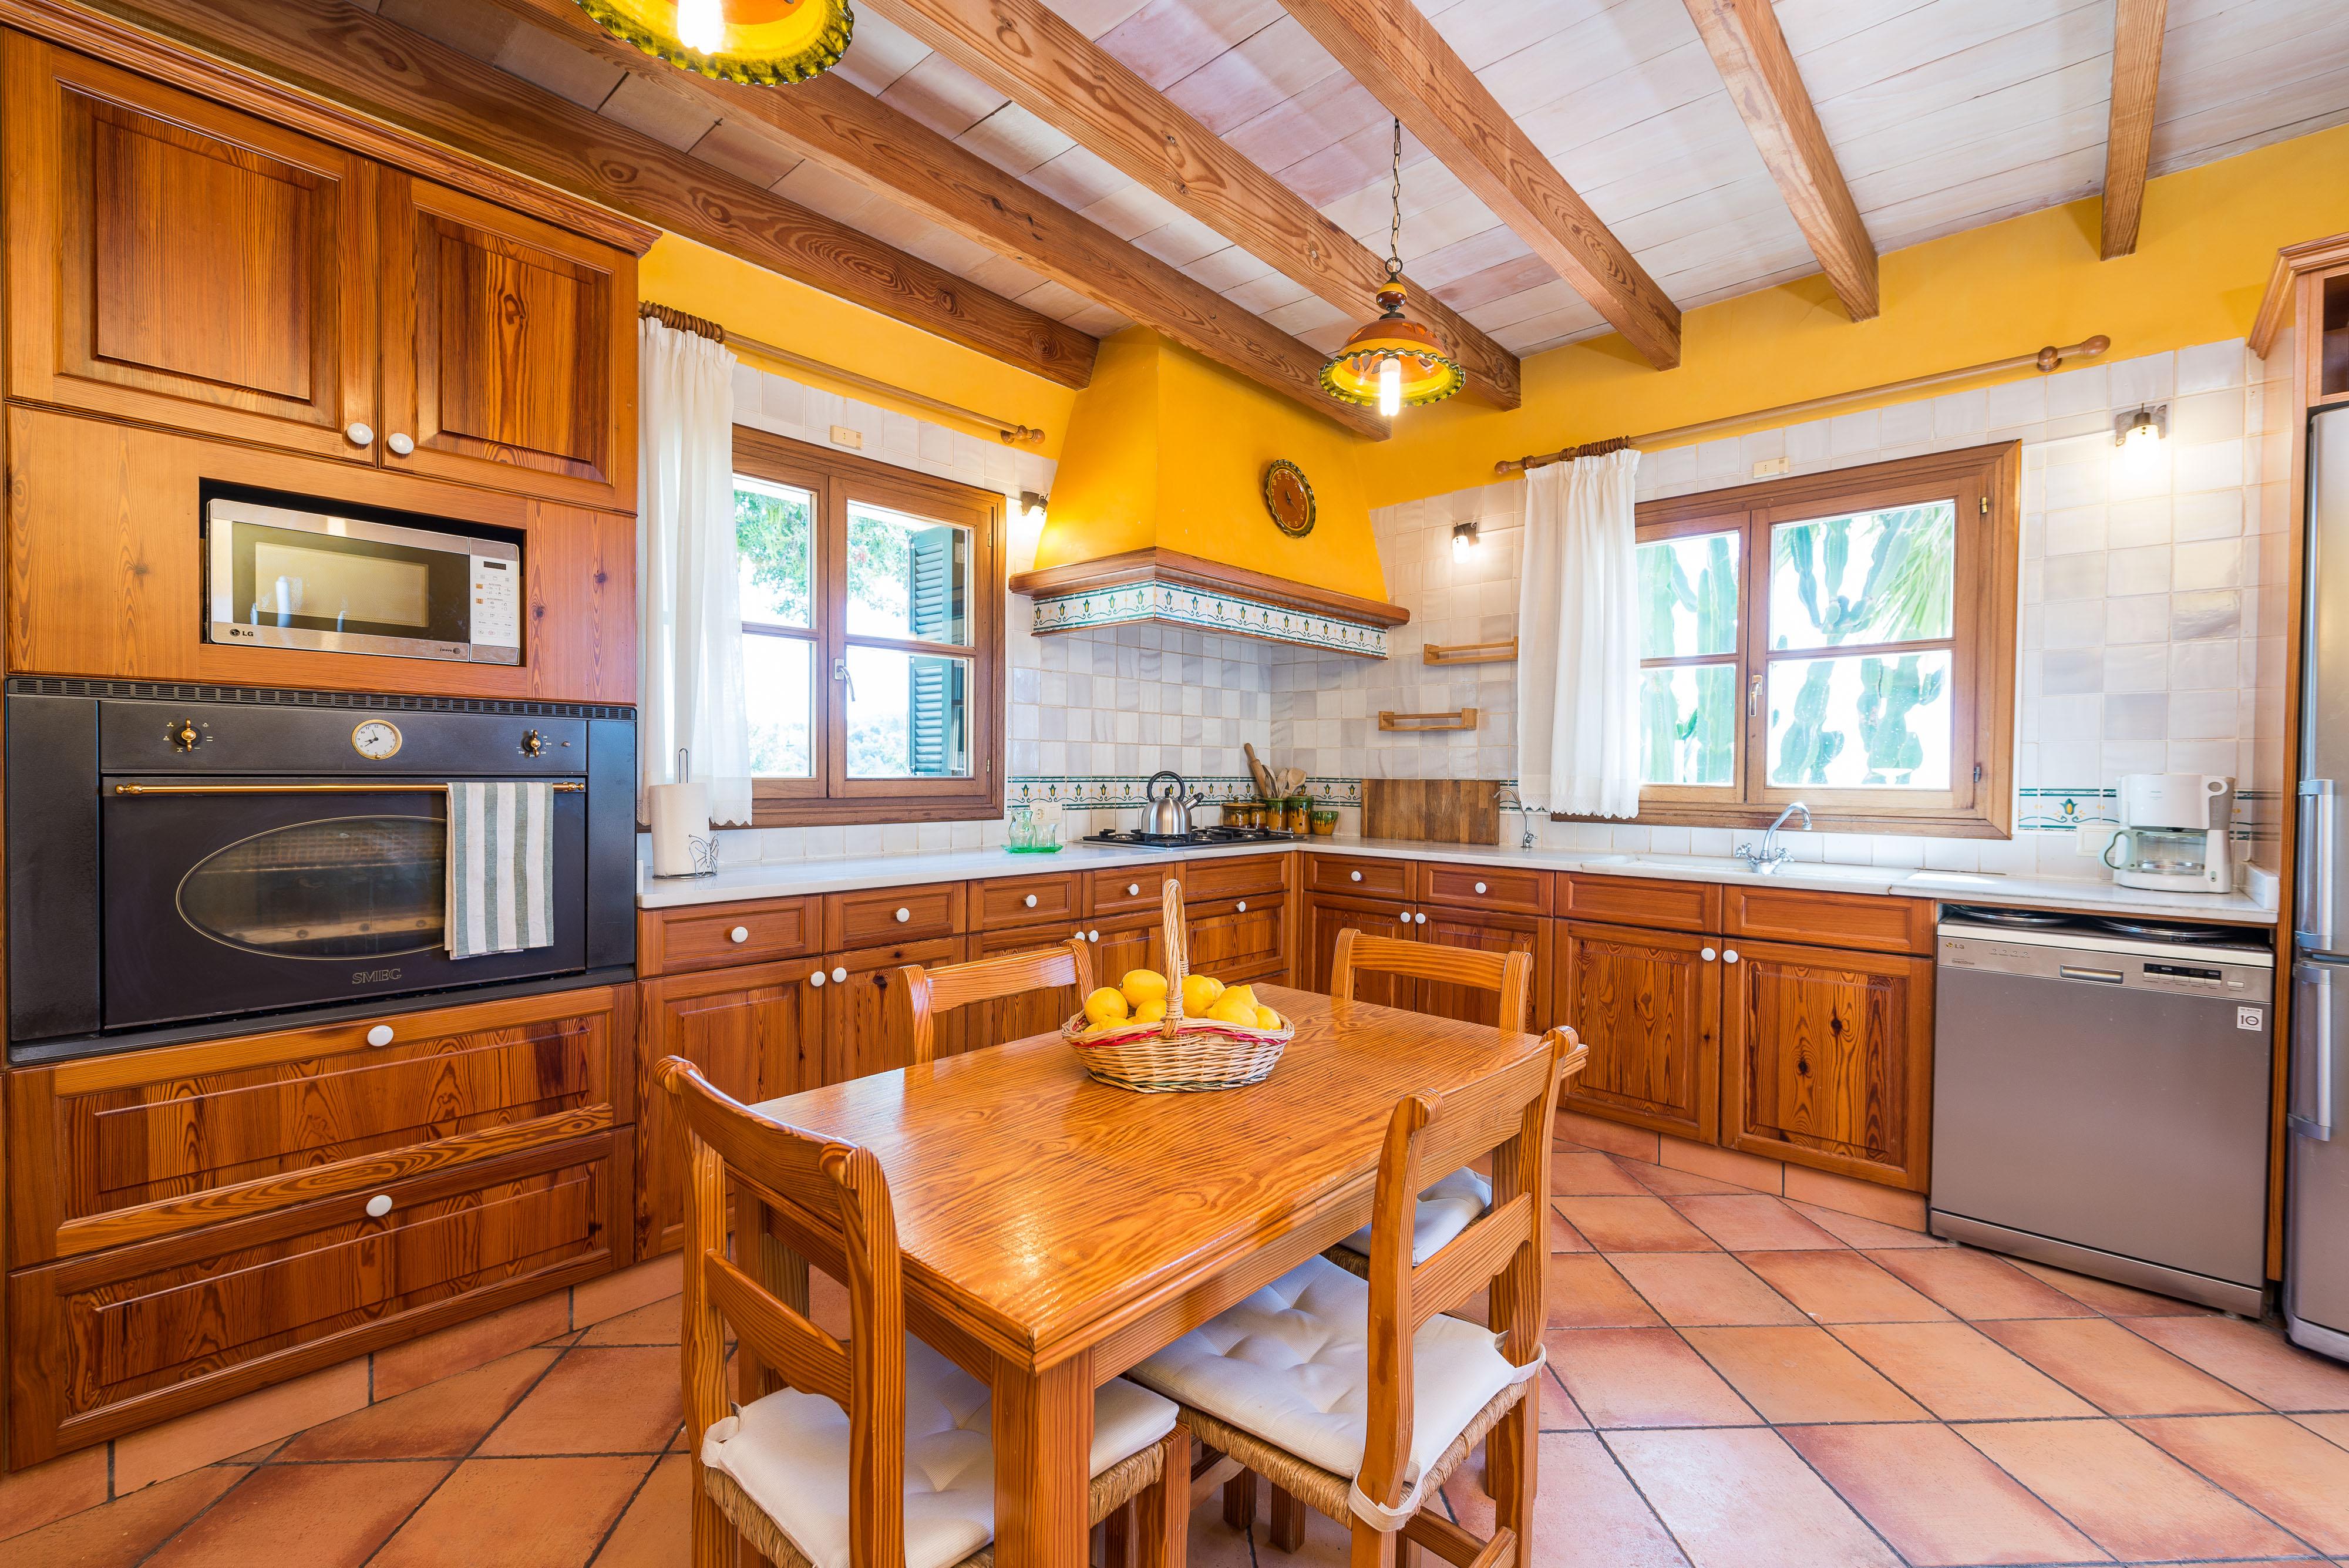 Maison de vacances ES PINAR (1956282), Alaro, Majorque, Iles Baléares, Espagne, image 15